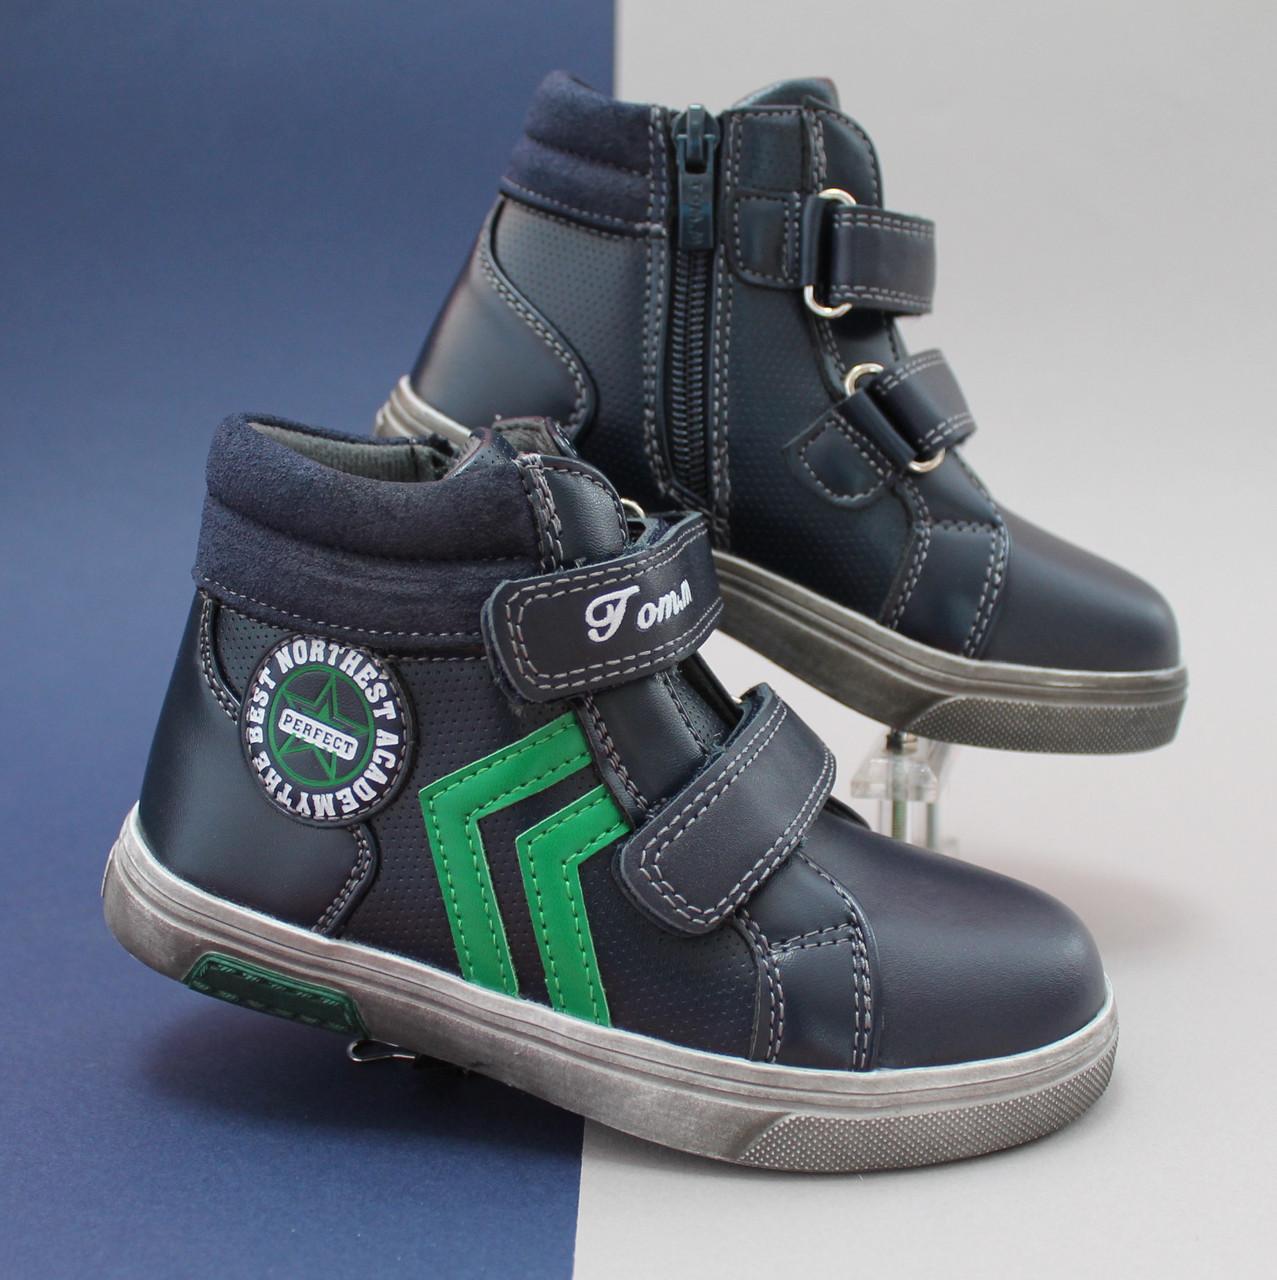 b85f2caad Демисезонные спортивные ботинки с липучками для мальчика размер 27,28,29,32  -